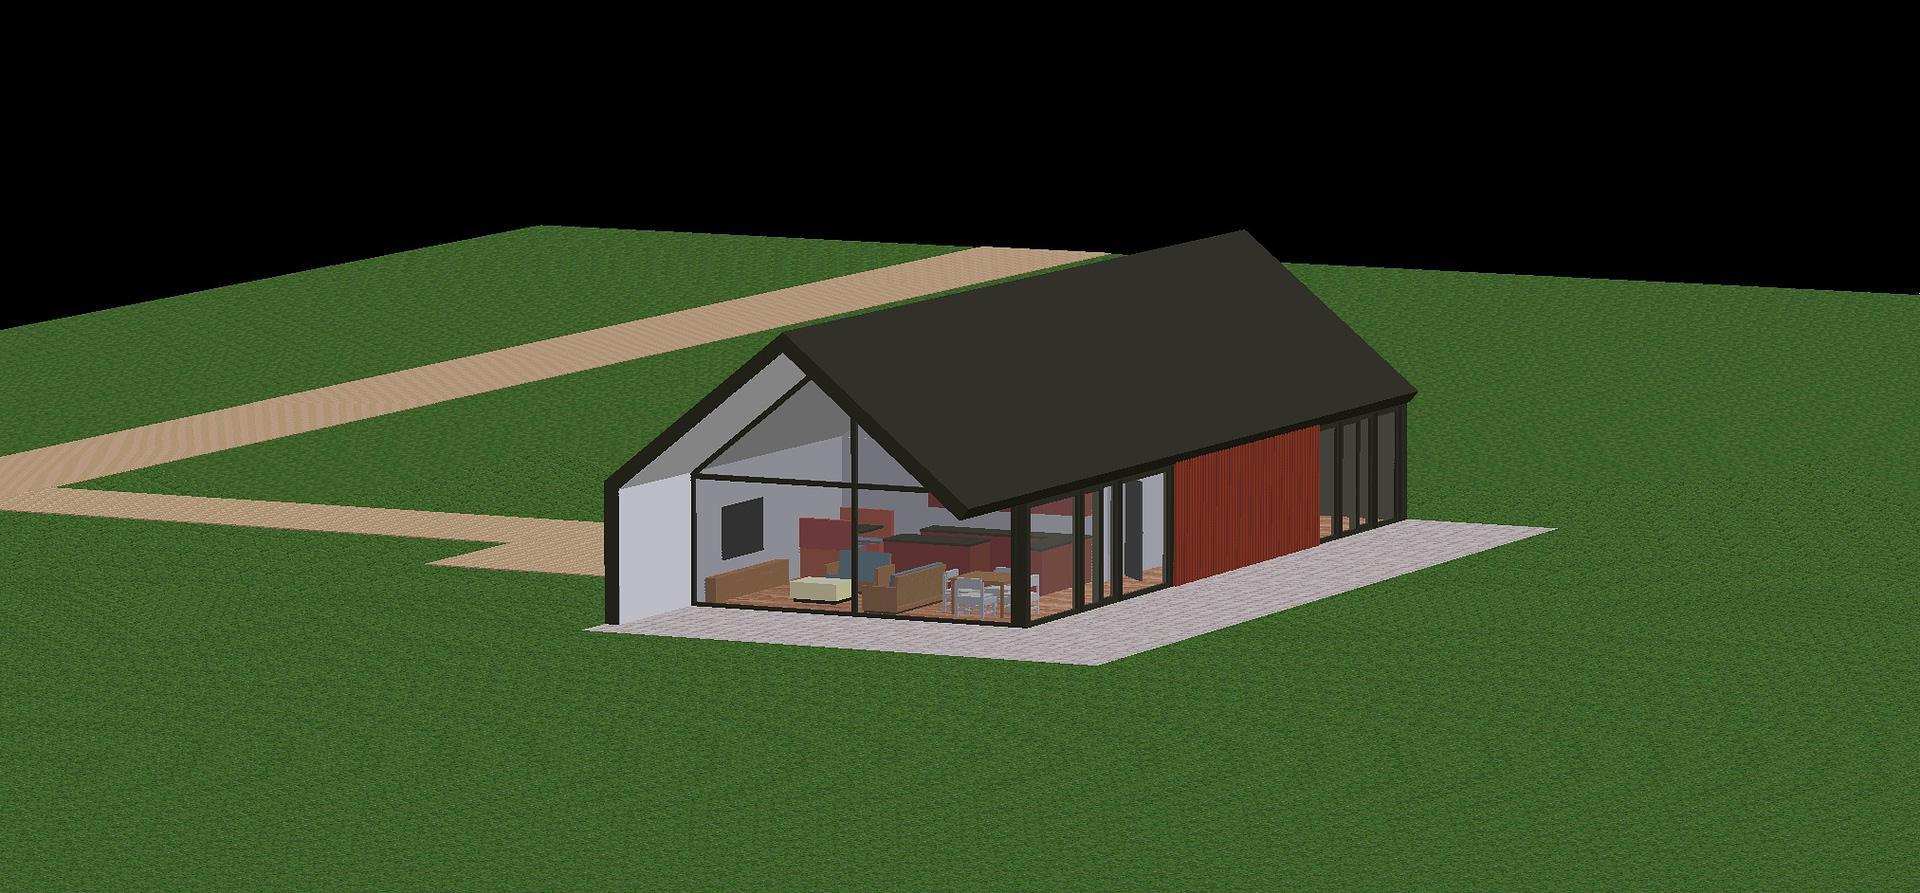 solergy homes custom designed solar homes custom design 7